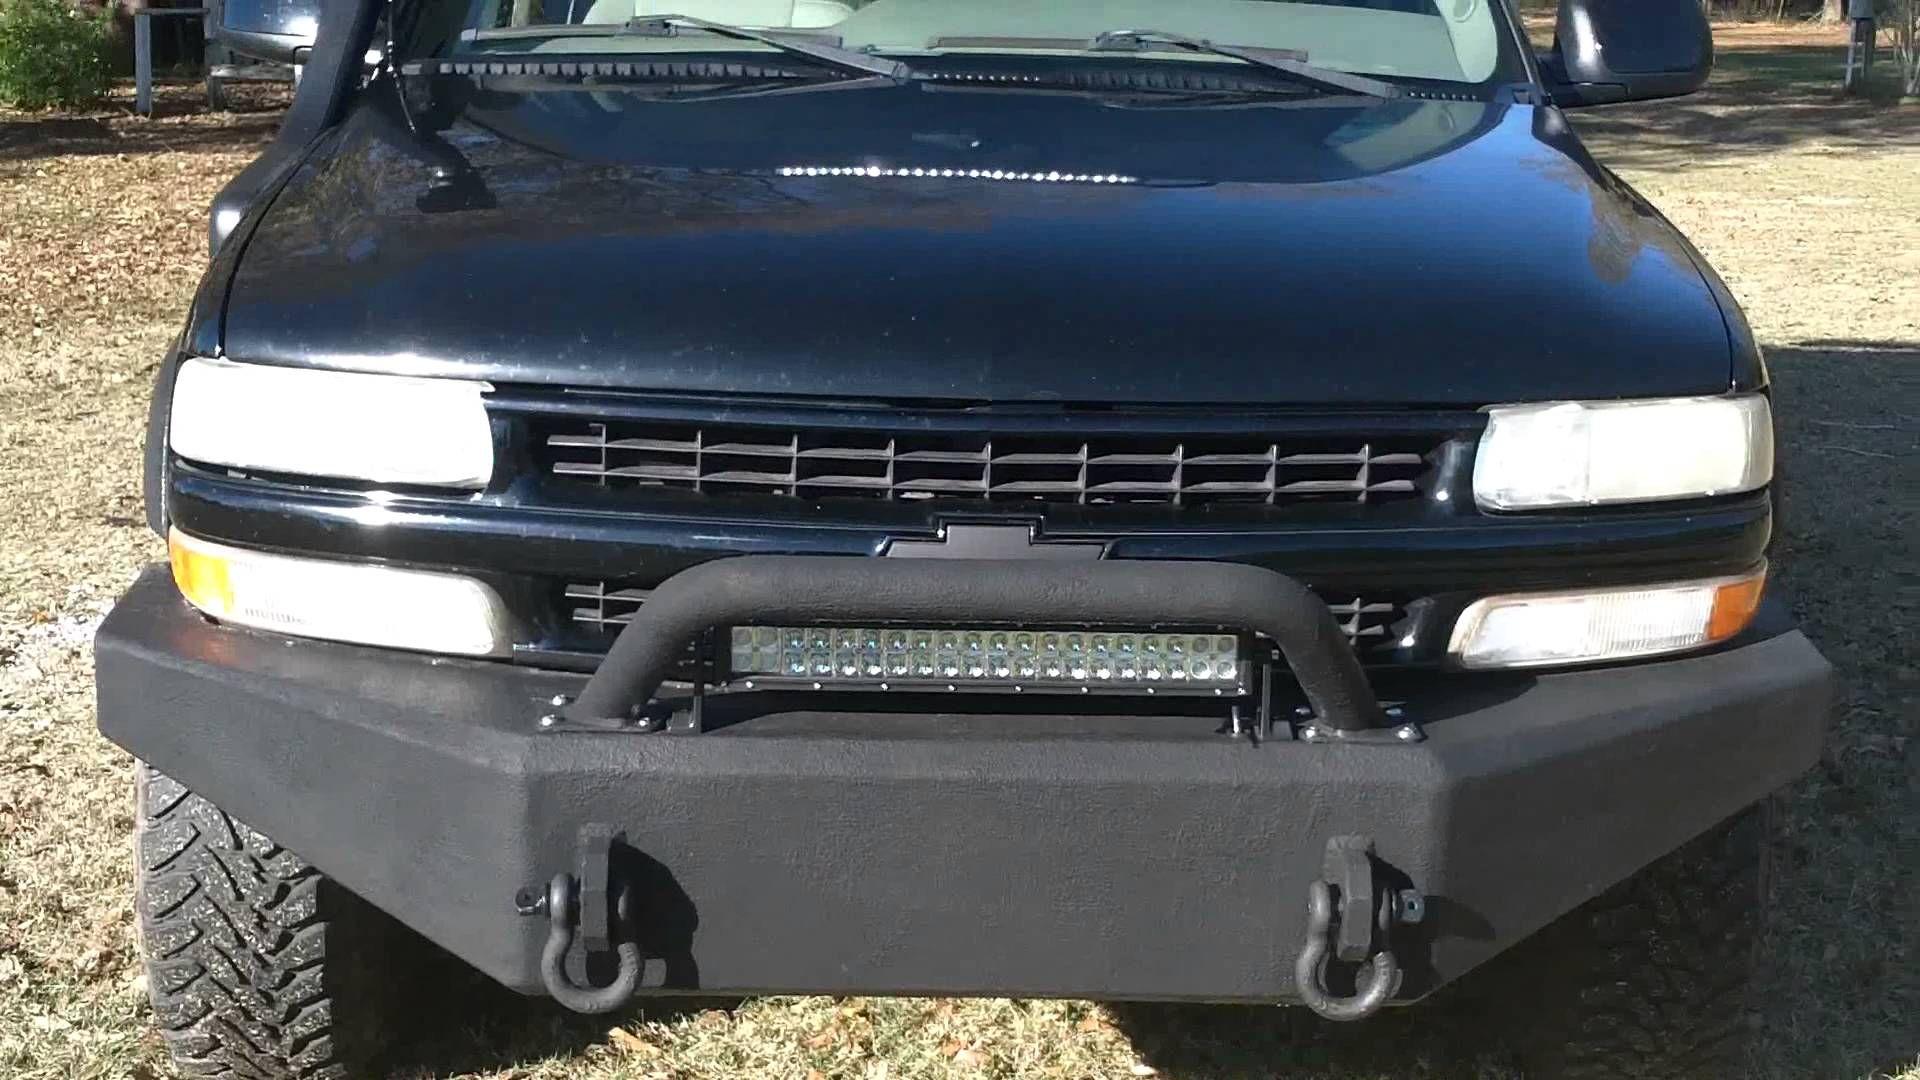 medium resolution of 2003 chevy tahoe z71 custom bumpers rock sliders roof rack snorkel a